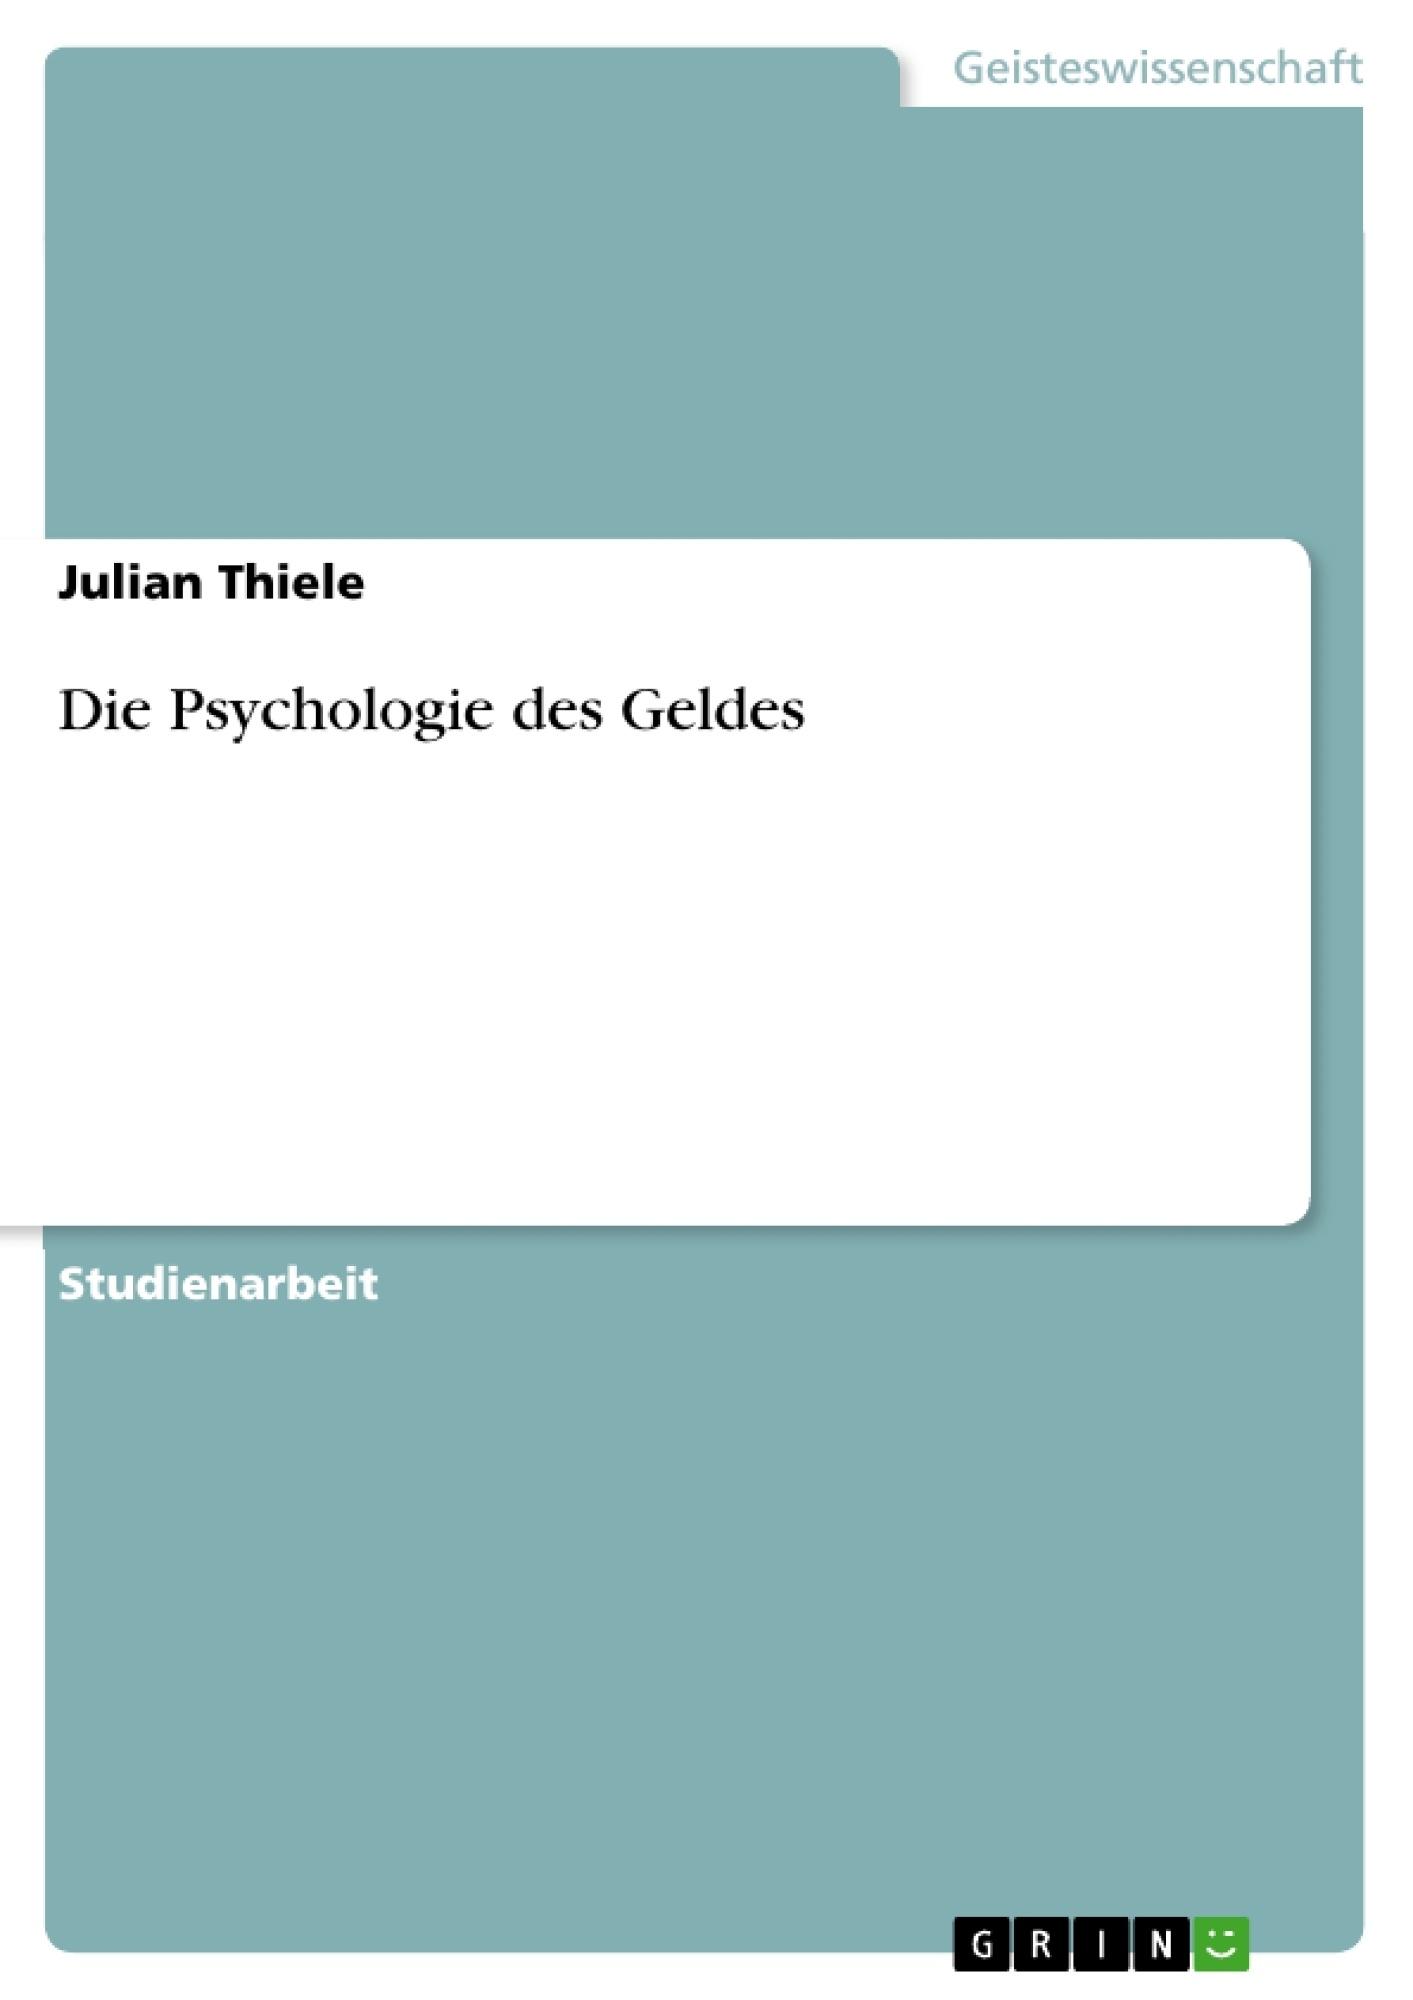 Titel: Die Psychologie des Geldes